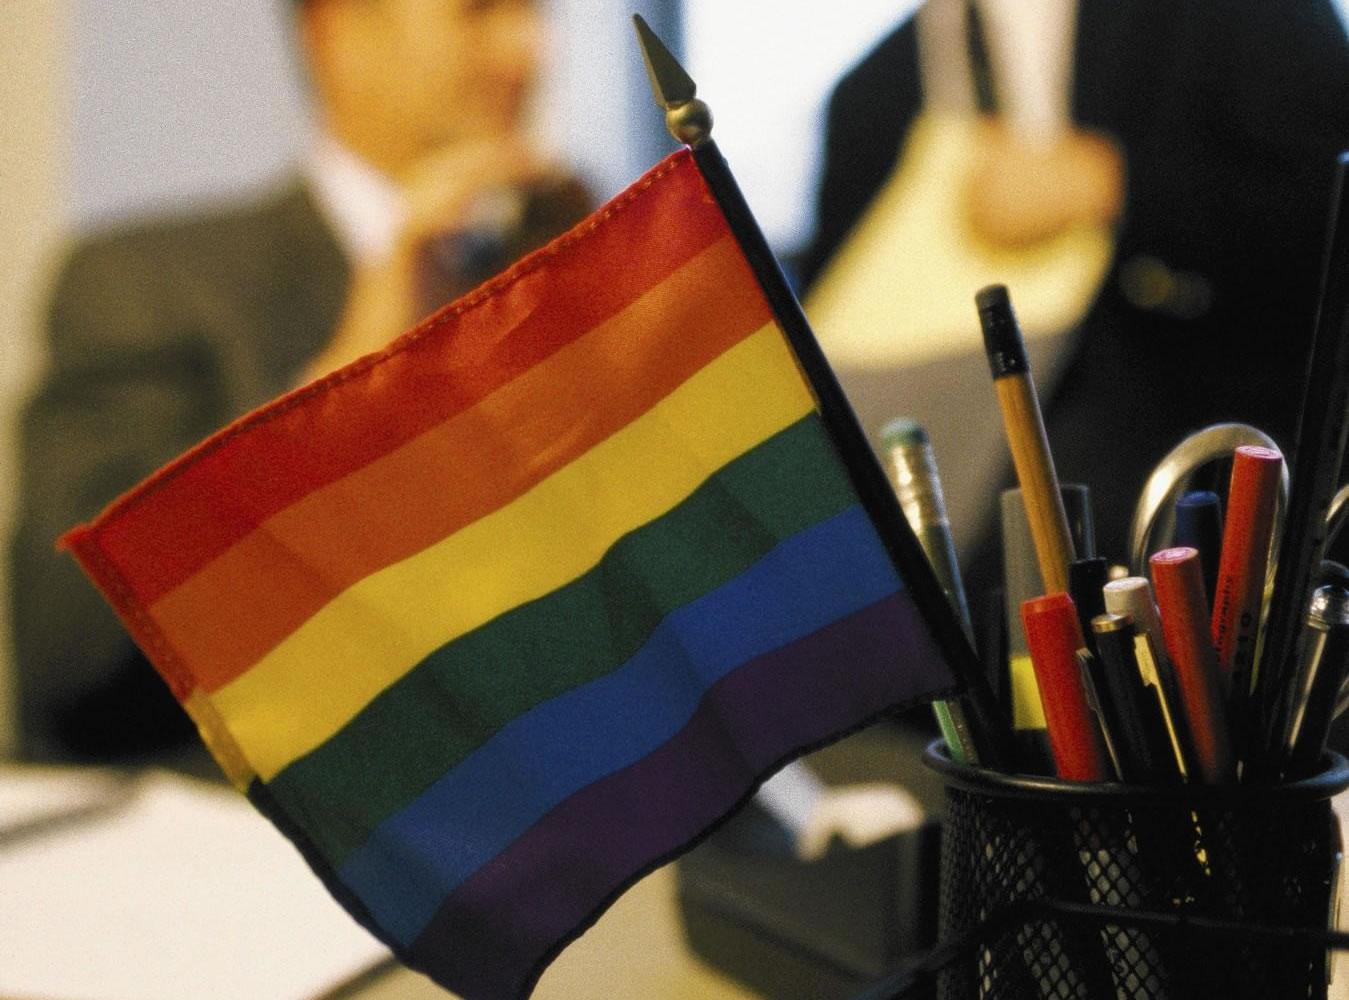 Maioria dos profissionais LGBT vivem no armário em local de trabalho